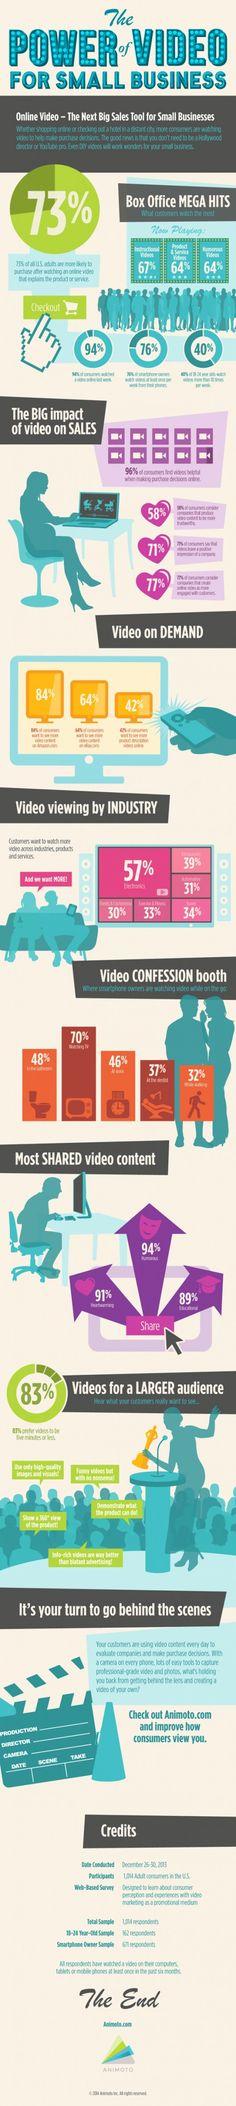 Eine Studie beweist: 96% der Nutzer empfinden Videos als hilfreich bei der Kaufentscheidung - Online-Shopping braucht mehr Bewegtbilder.